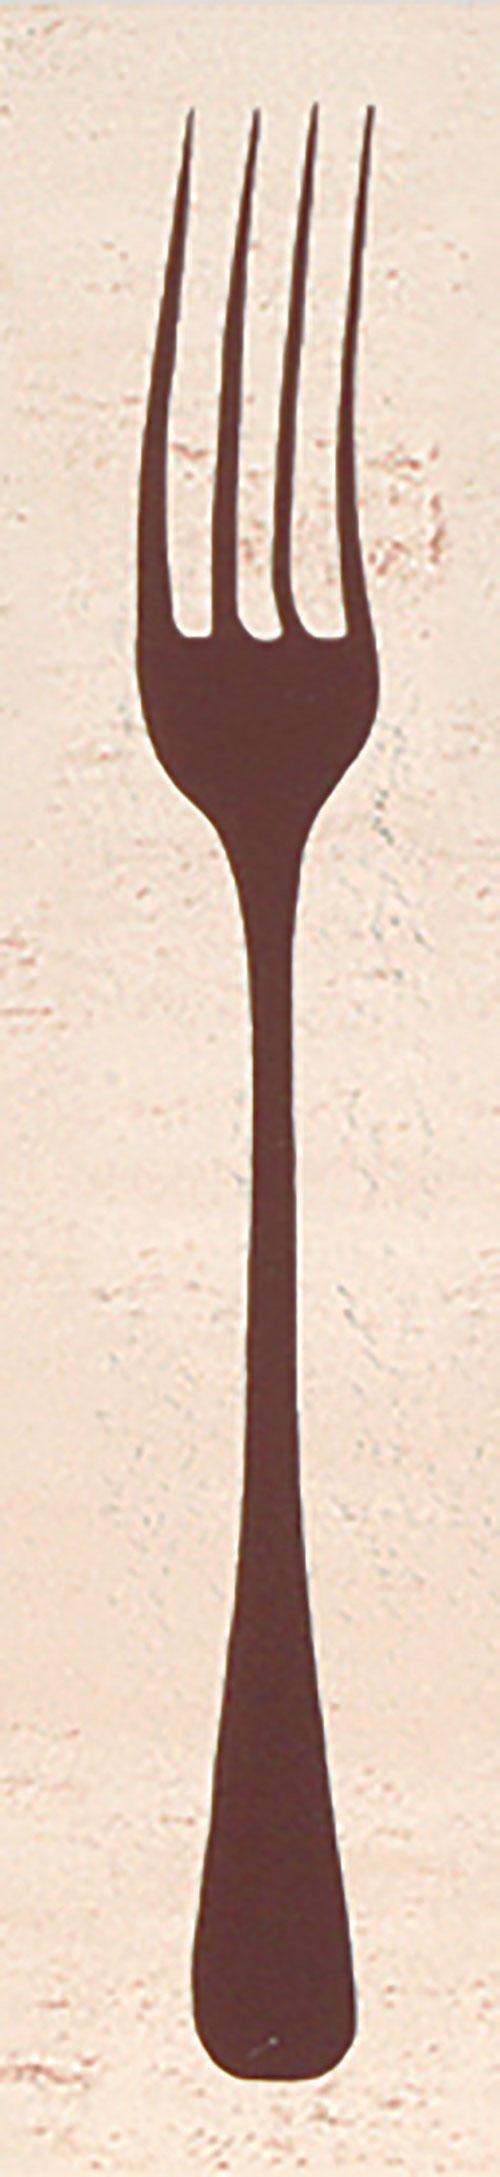 Sakura Cutlery 2